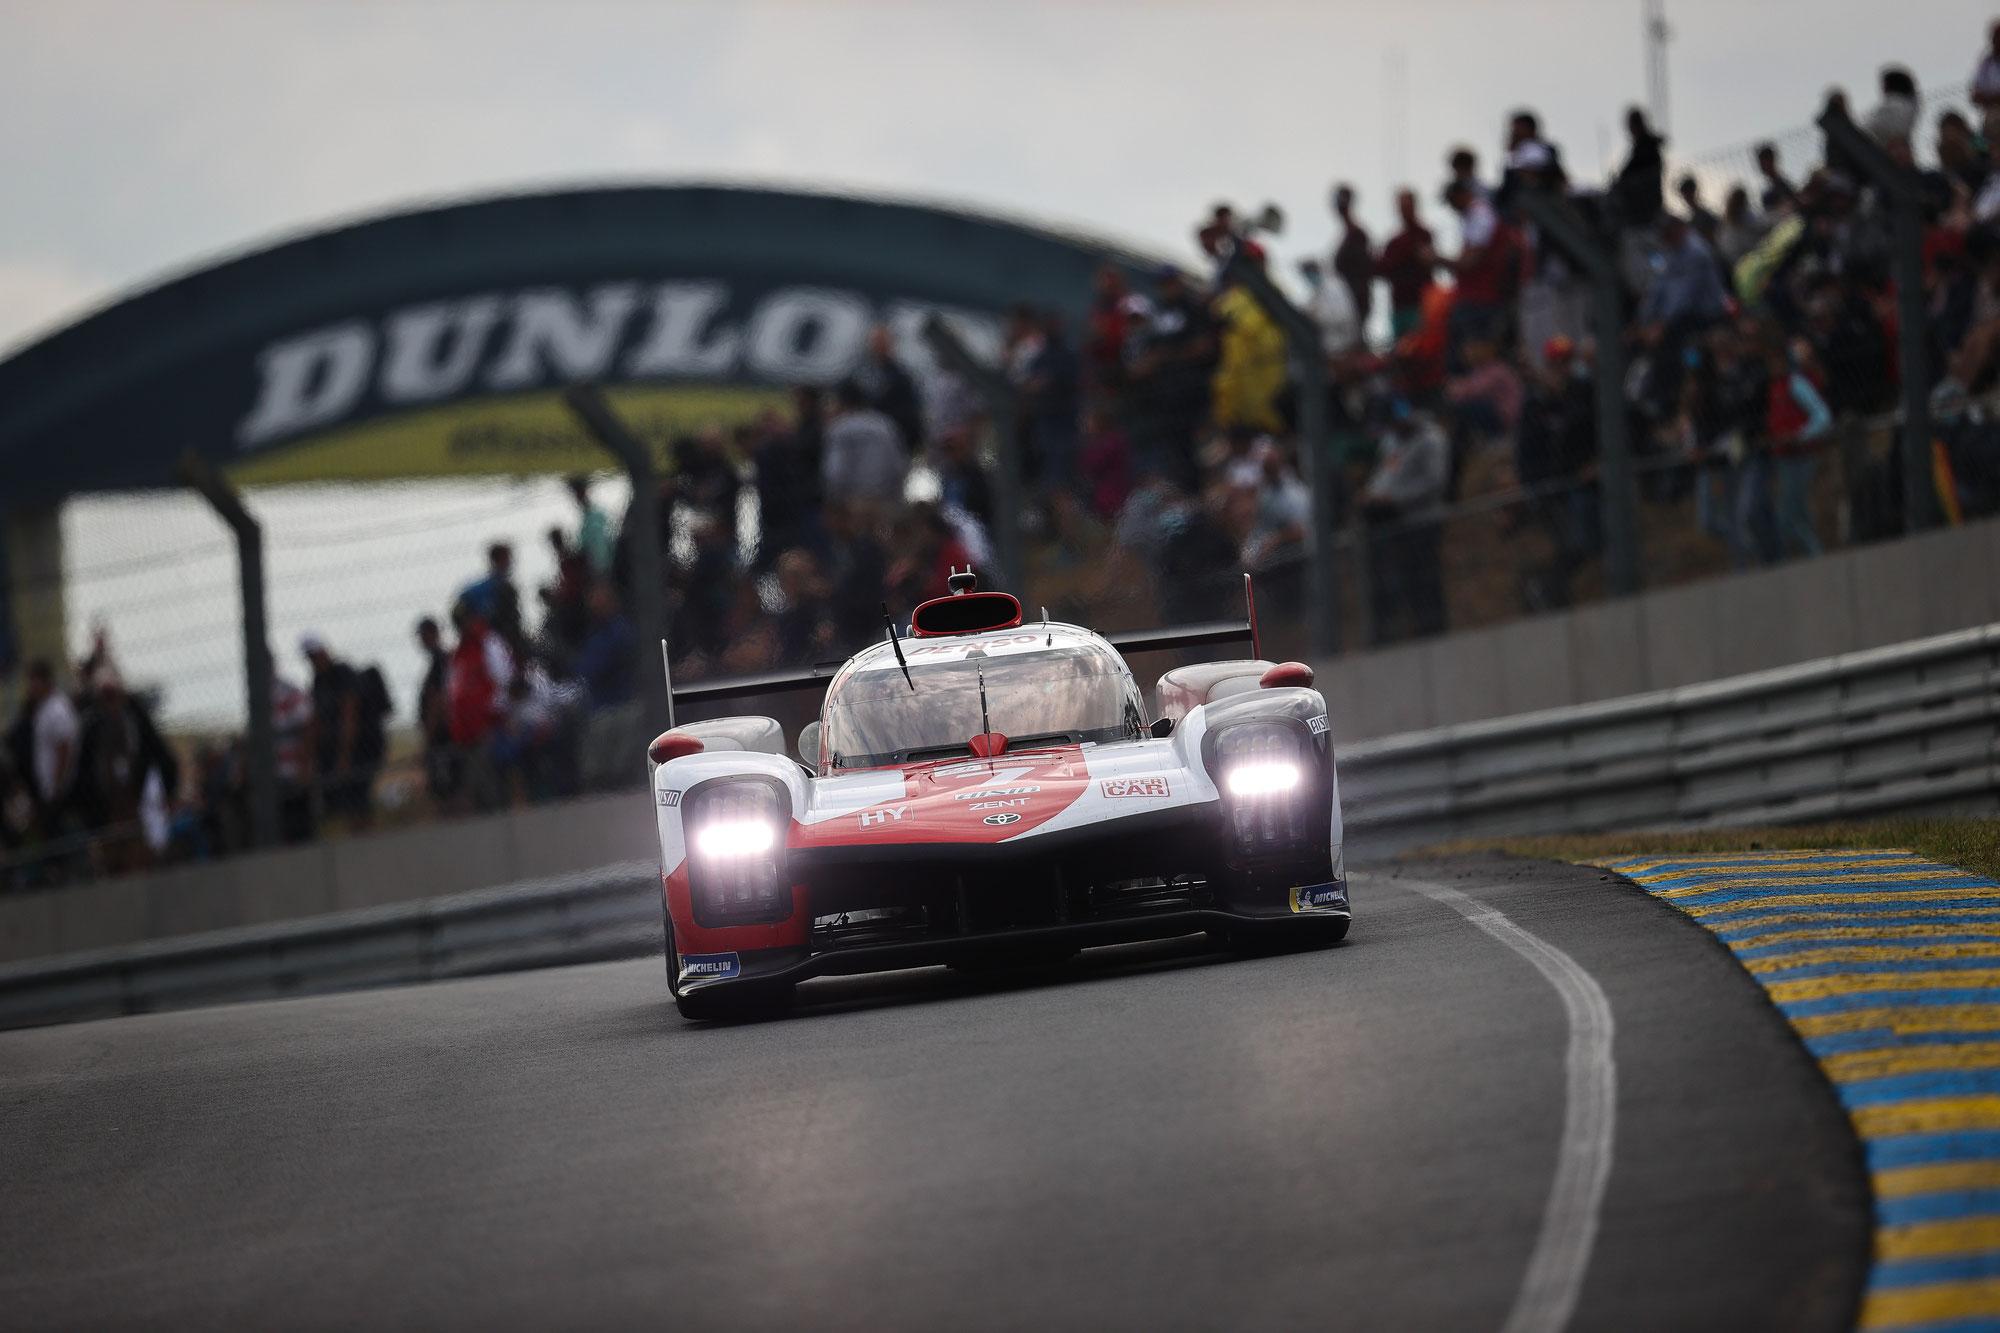 LM24 6-Stunden-Bericht: Lopez fährt für Toyota, während Ferrari in der LMGTE Pro Platz 1 belegt